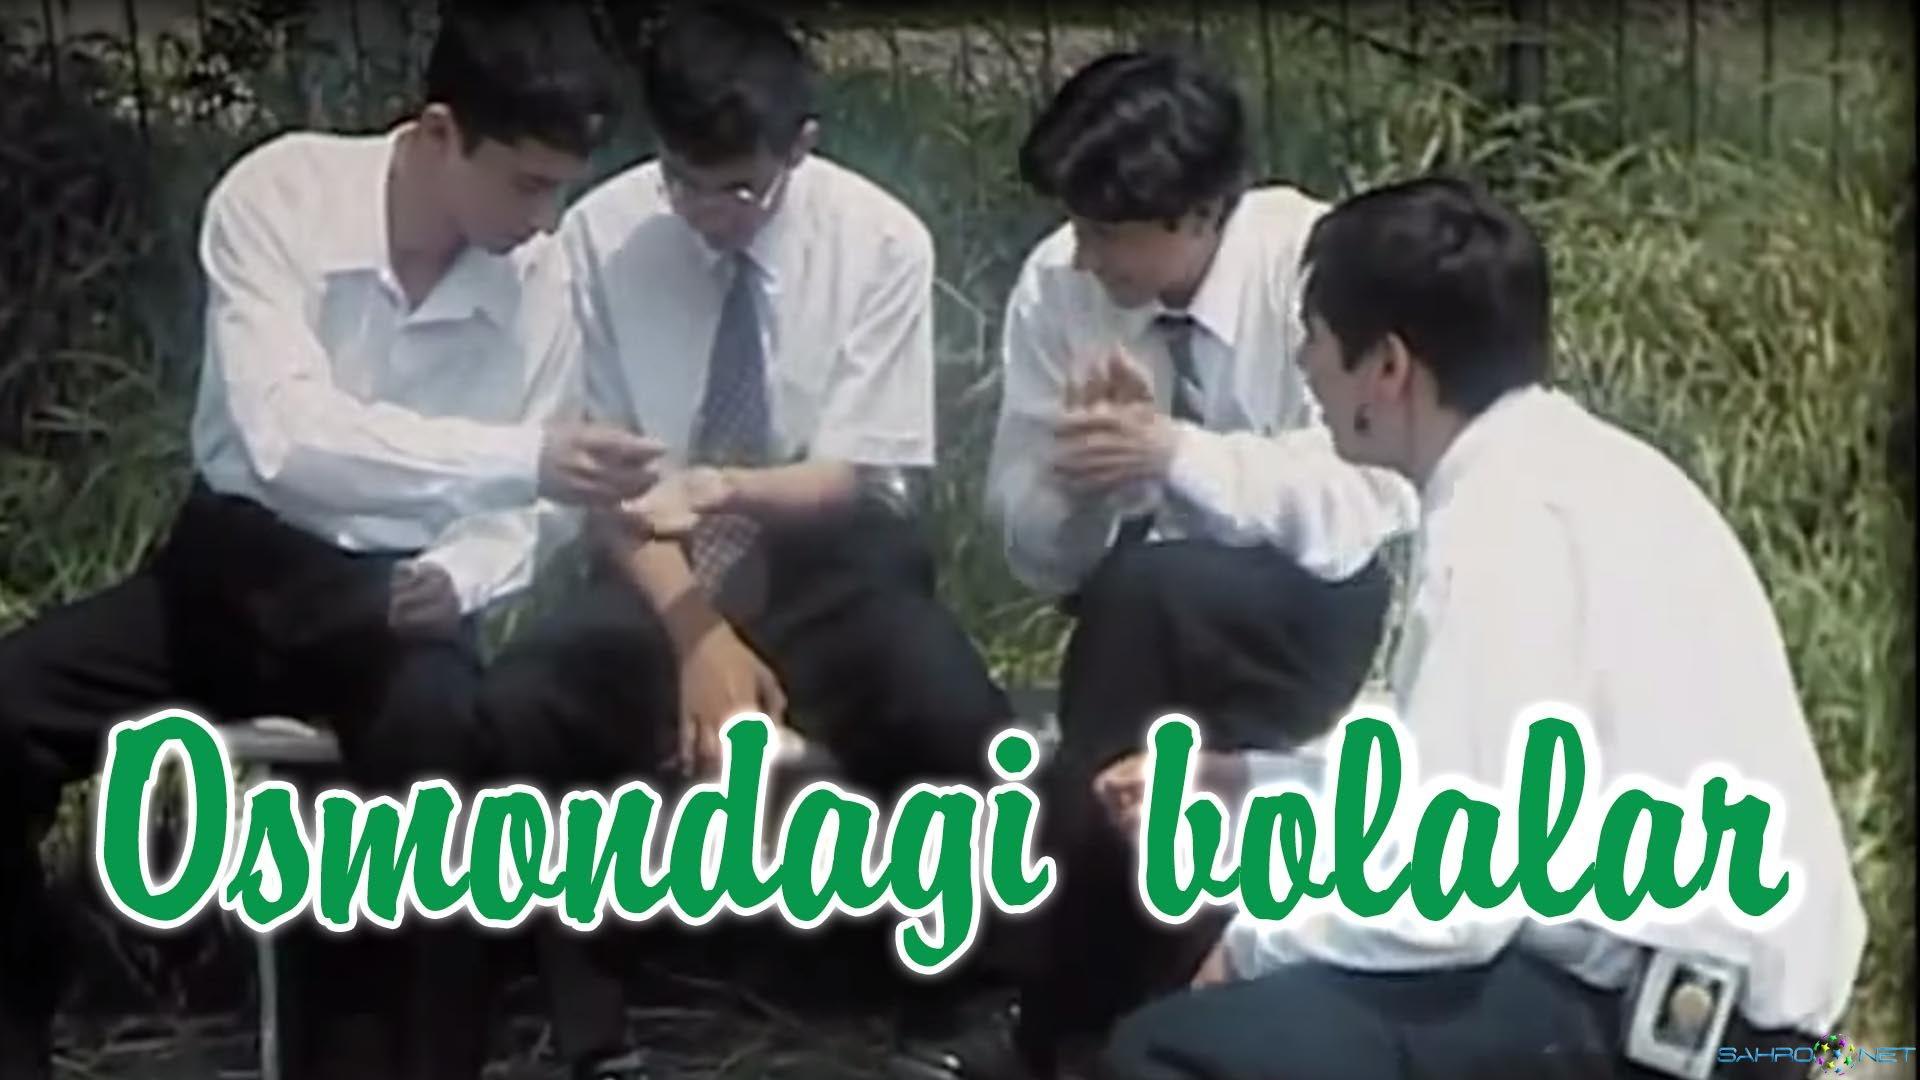 Osmondagi bolalar / Дети неба 2002 смотреть Узбекский фильм на узбекским и русском языках